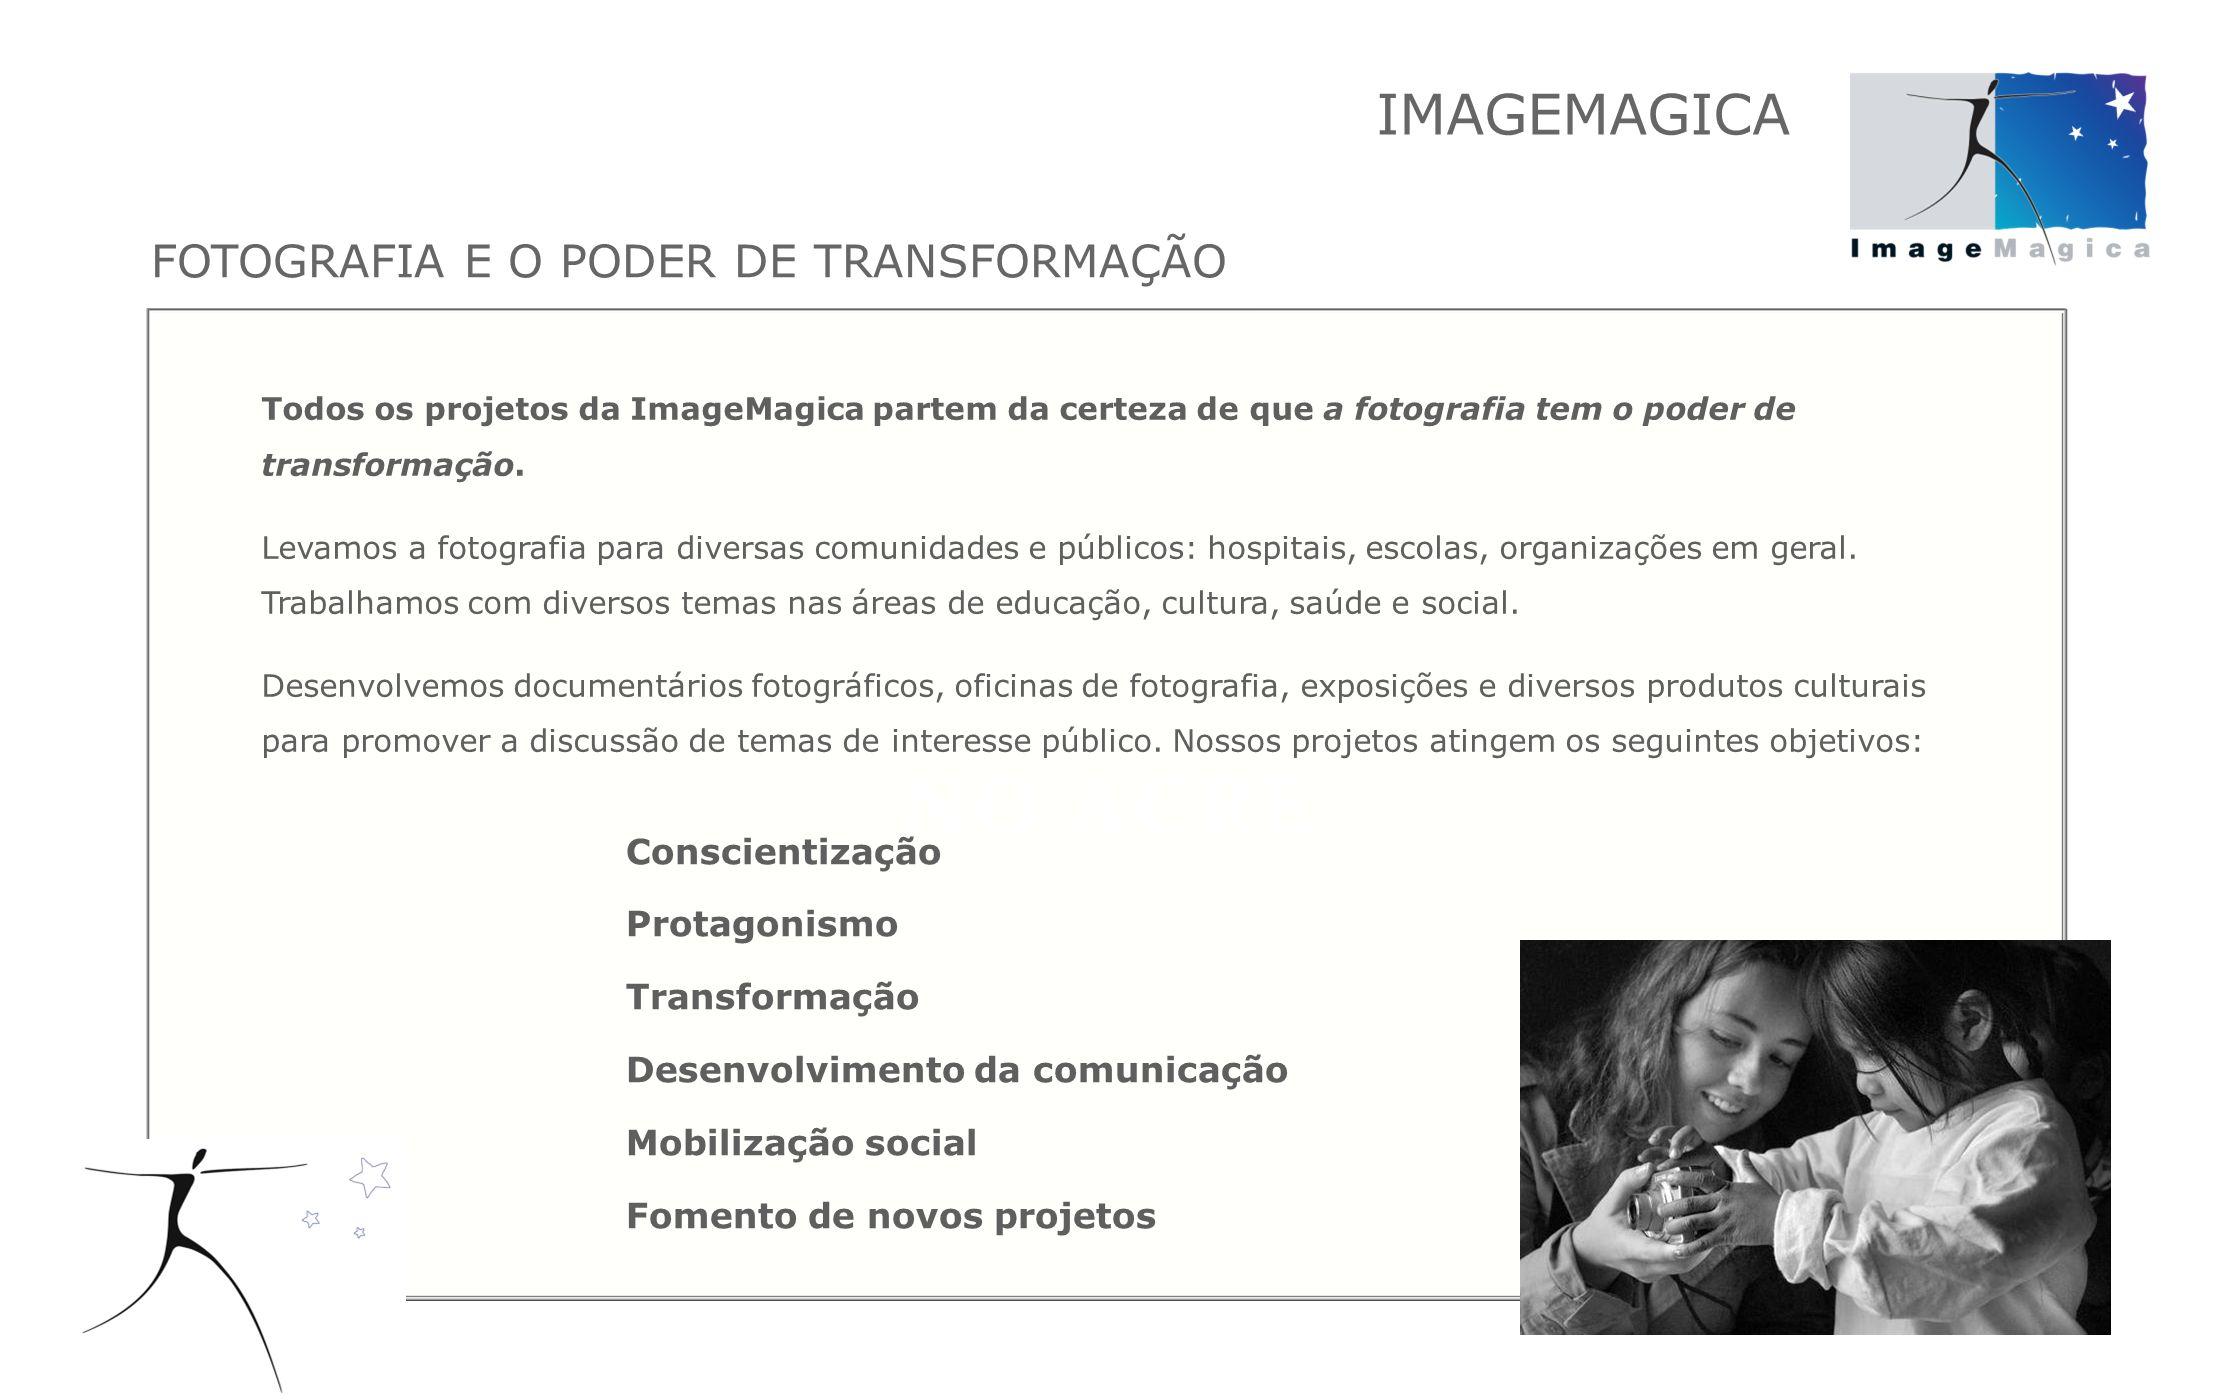 IMAGEMAGICA FOTOGRAFIA E O PODER DE TRANSFORMAÇÃO Conscientização